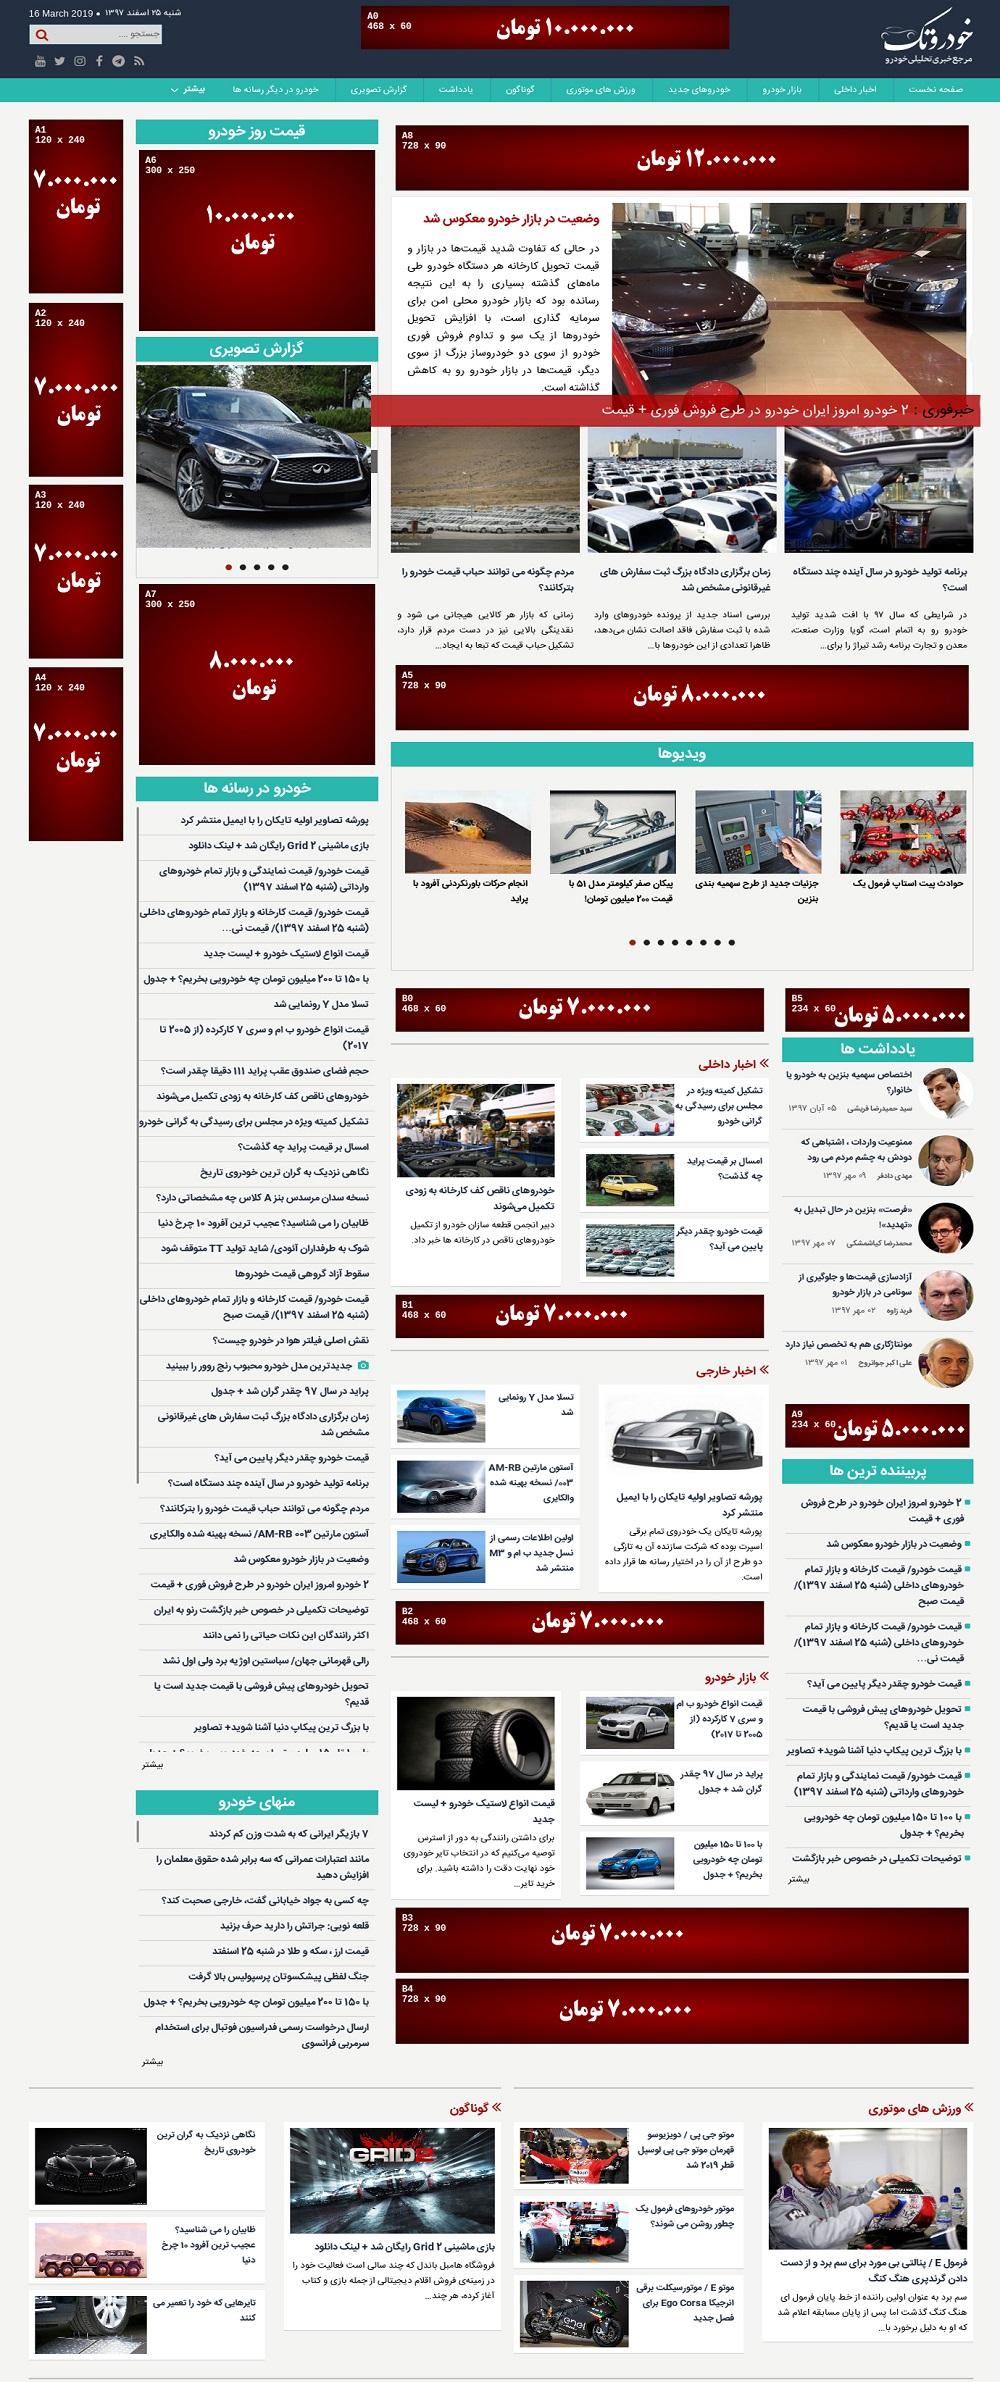 تعرفه آگهی خودروتک خرداد 98